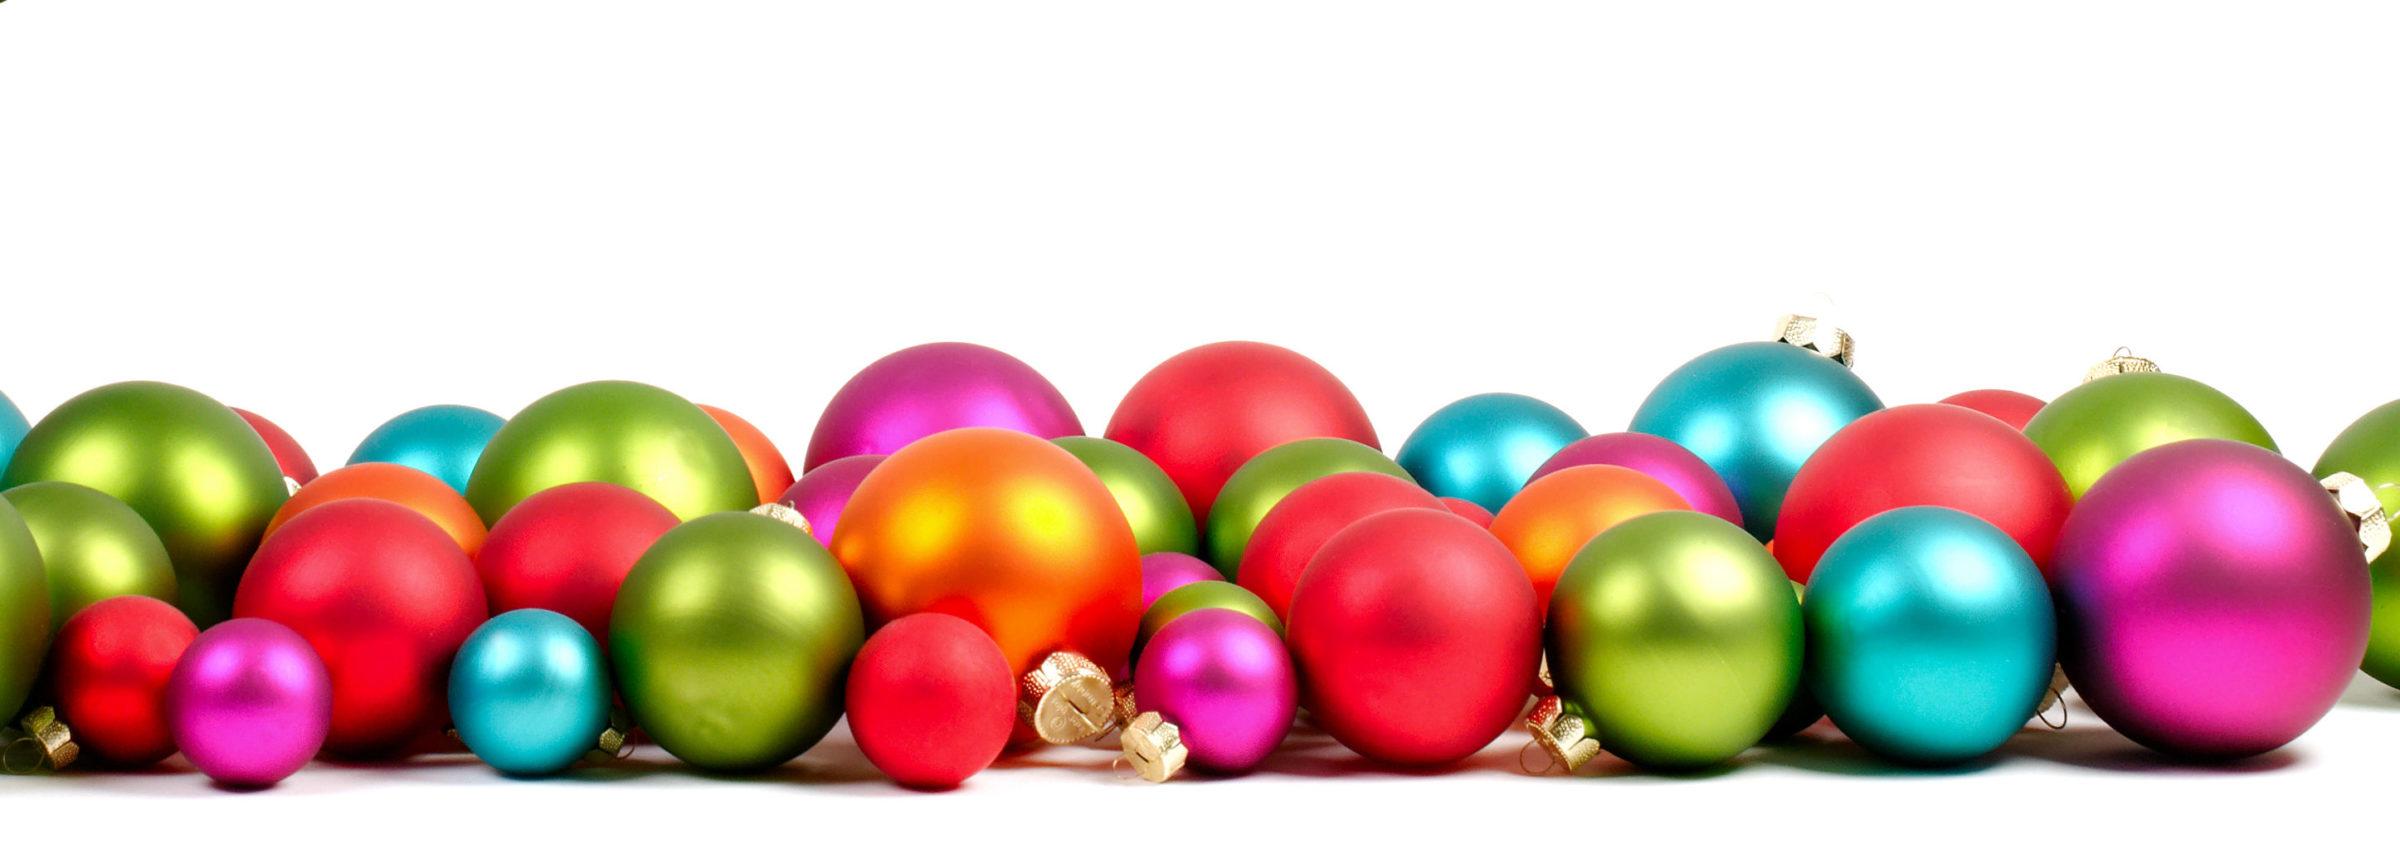 ÖGV Veranstaltungen: Der ÖGV Weihnachtspunsch